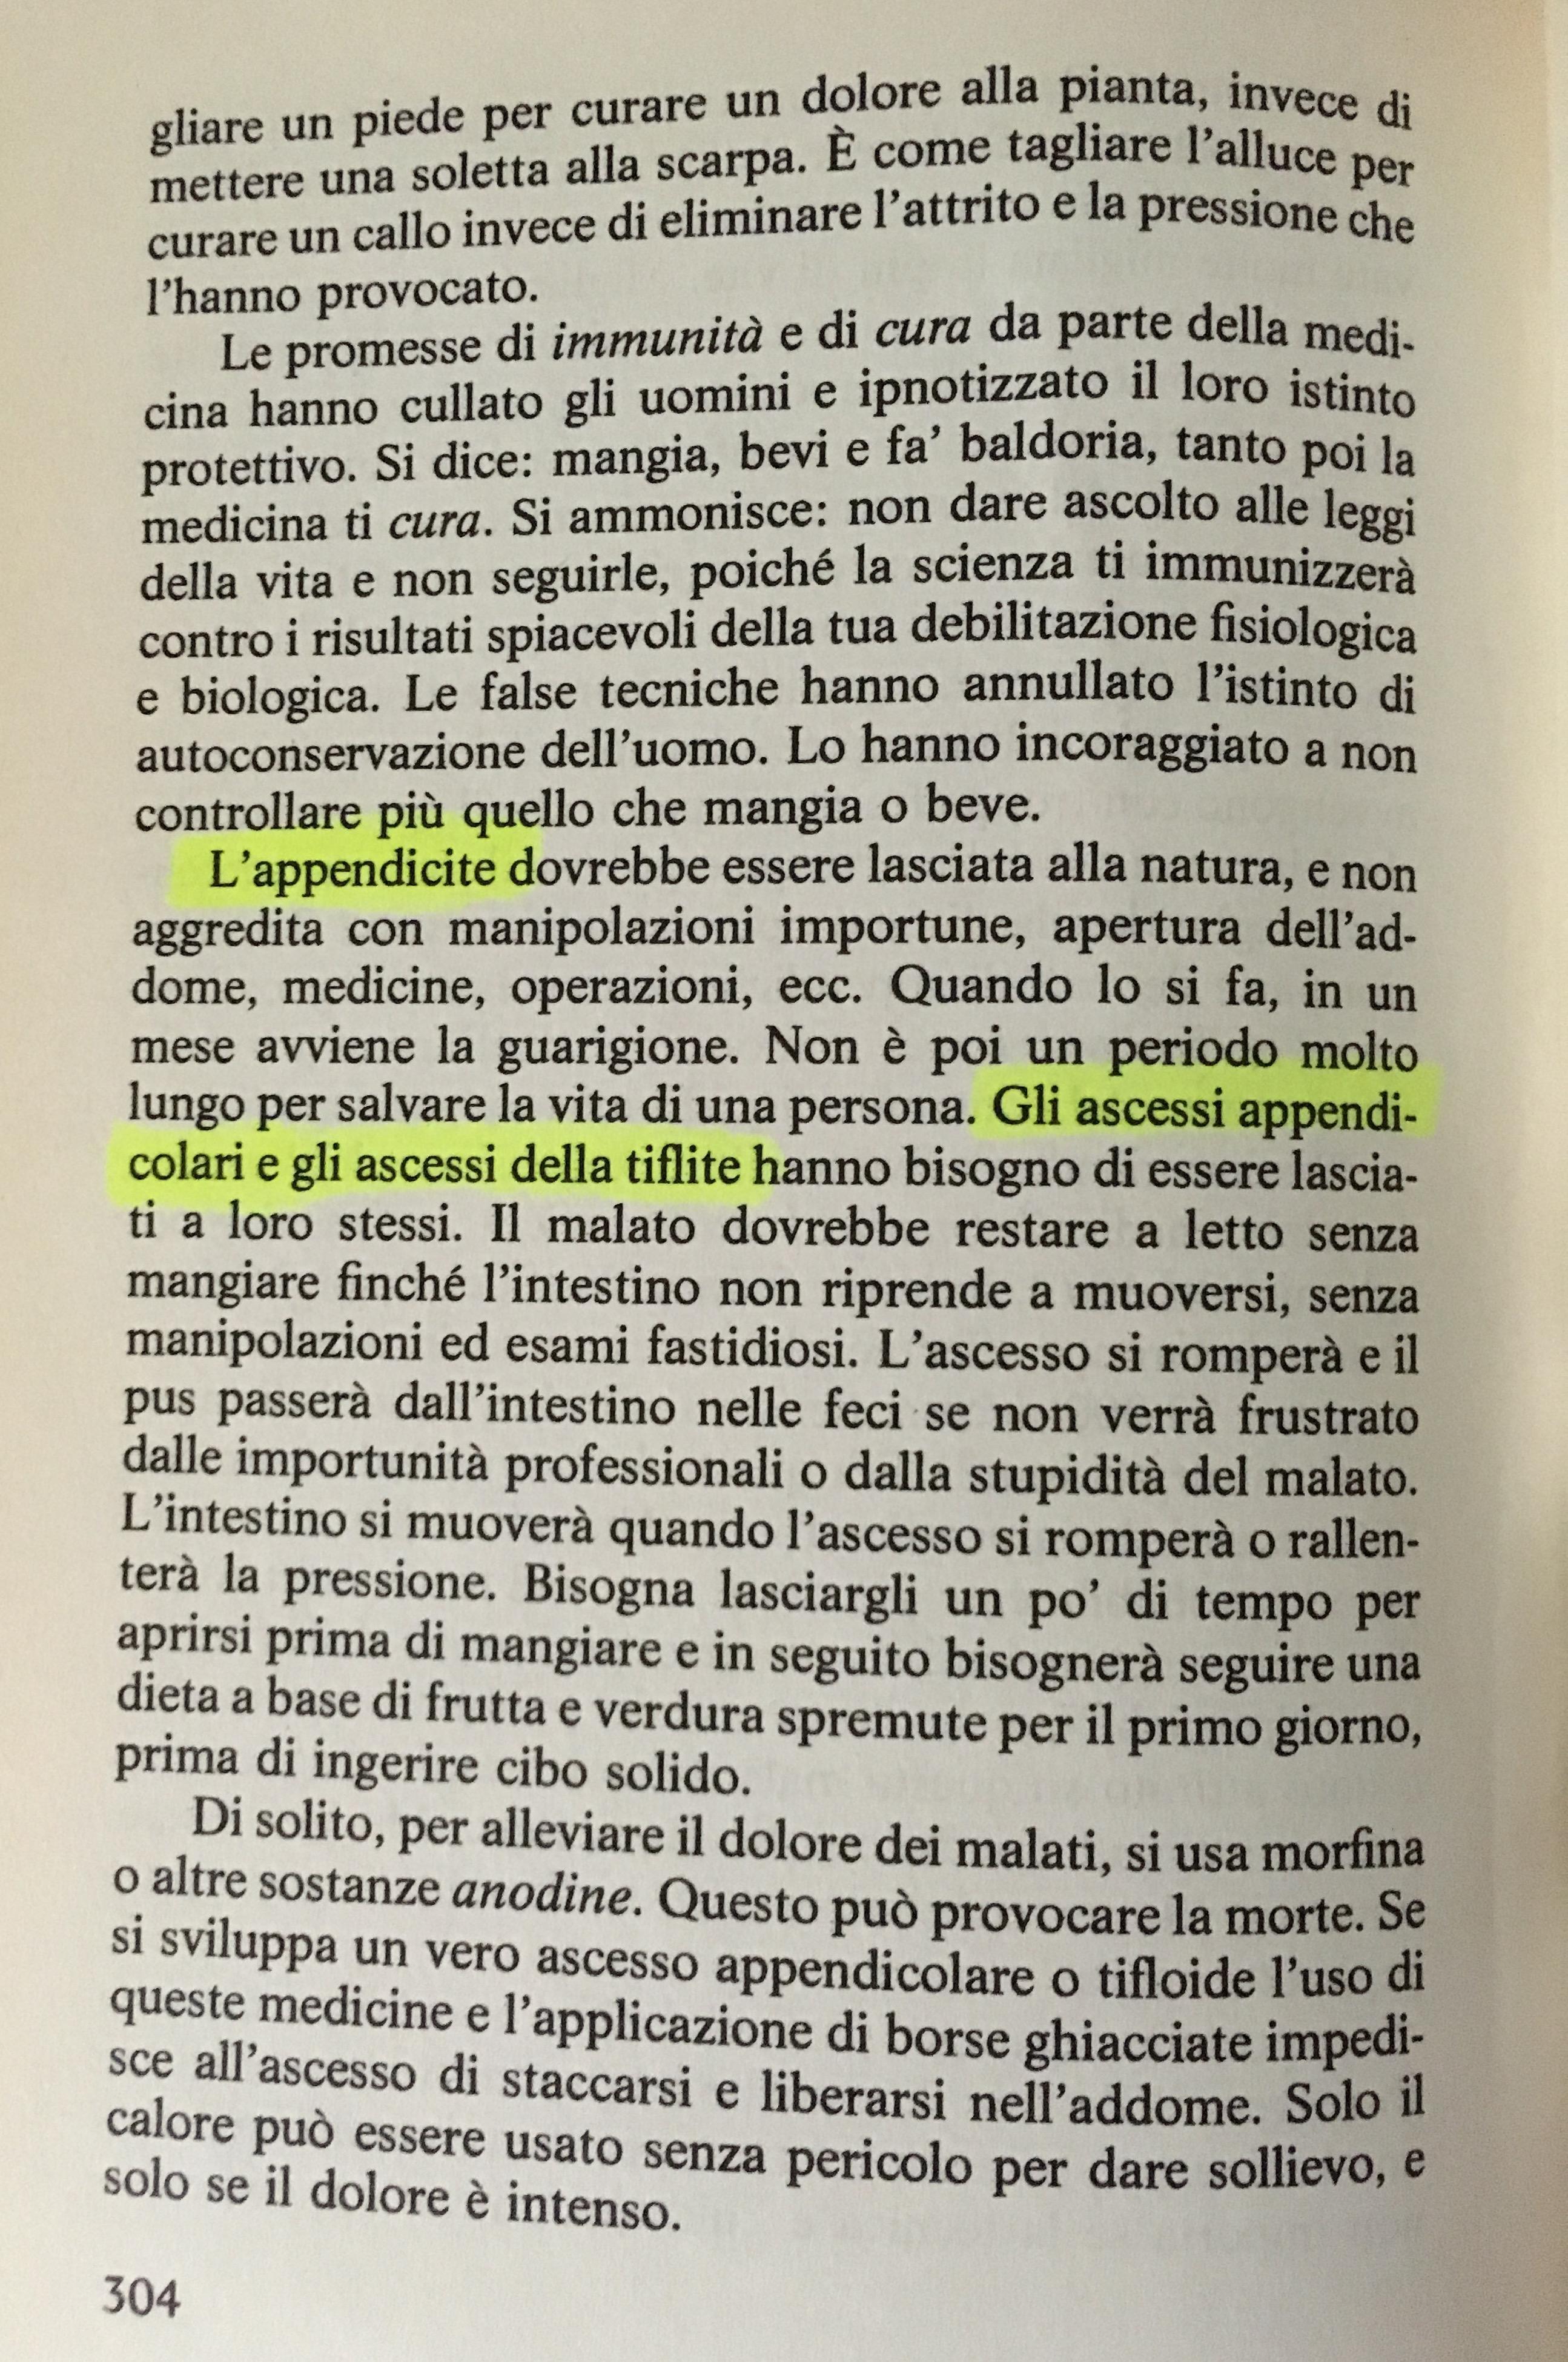 APPENDICITE 304